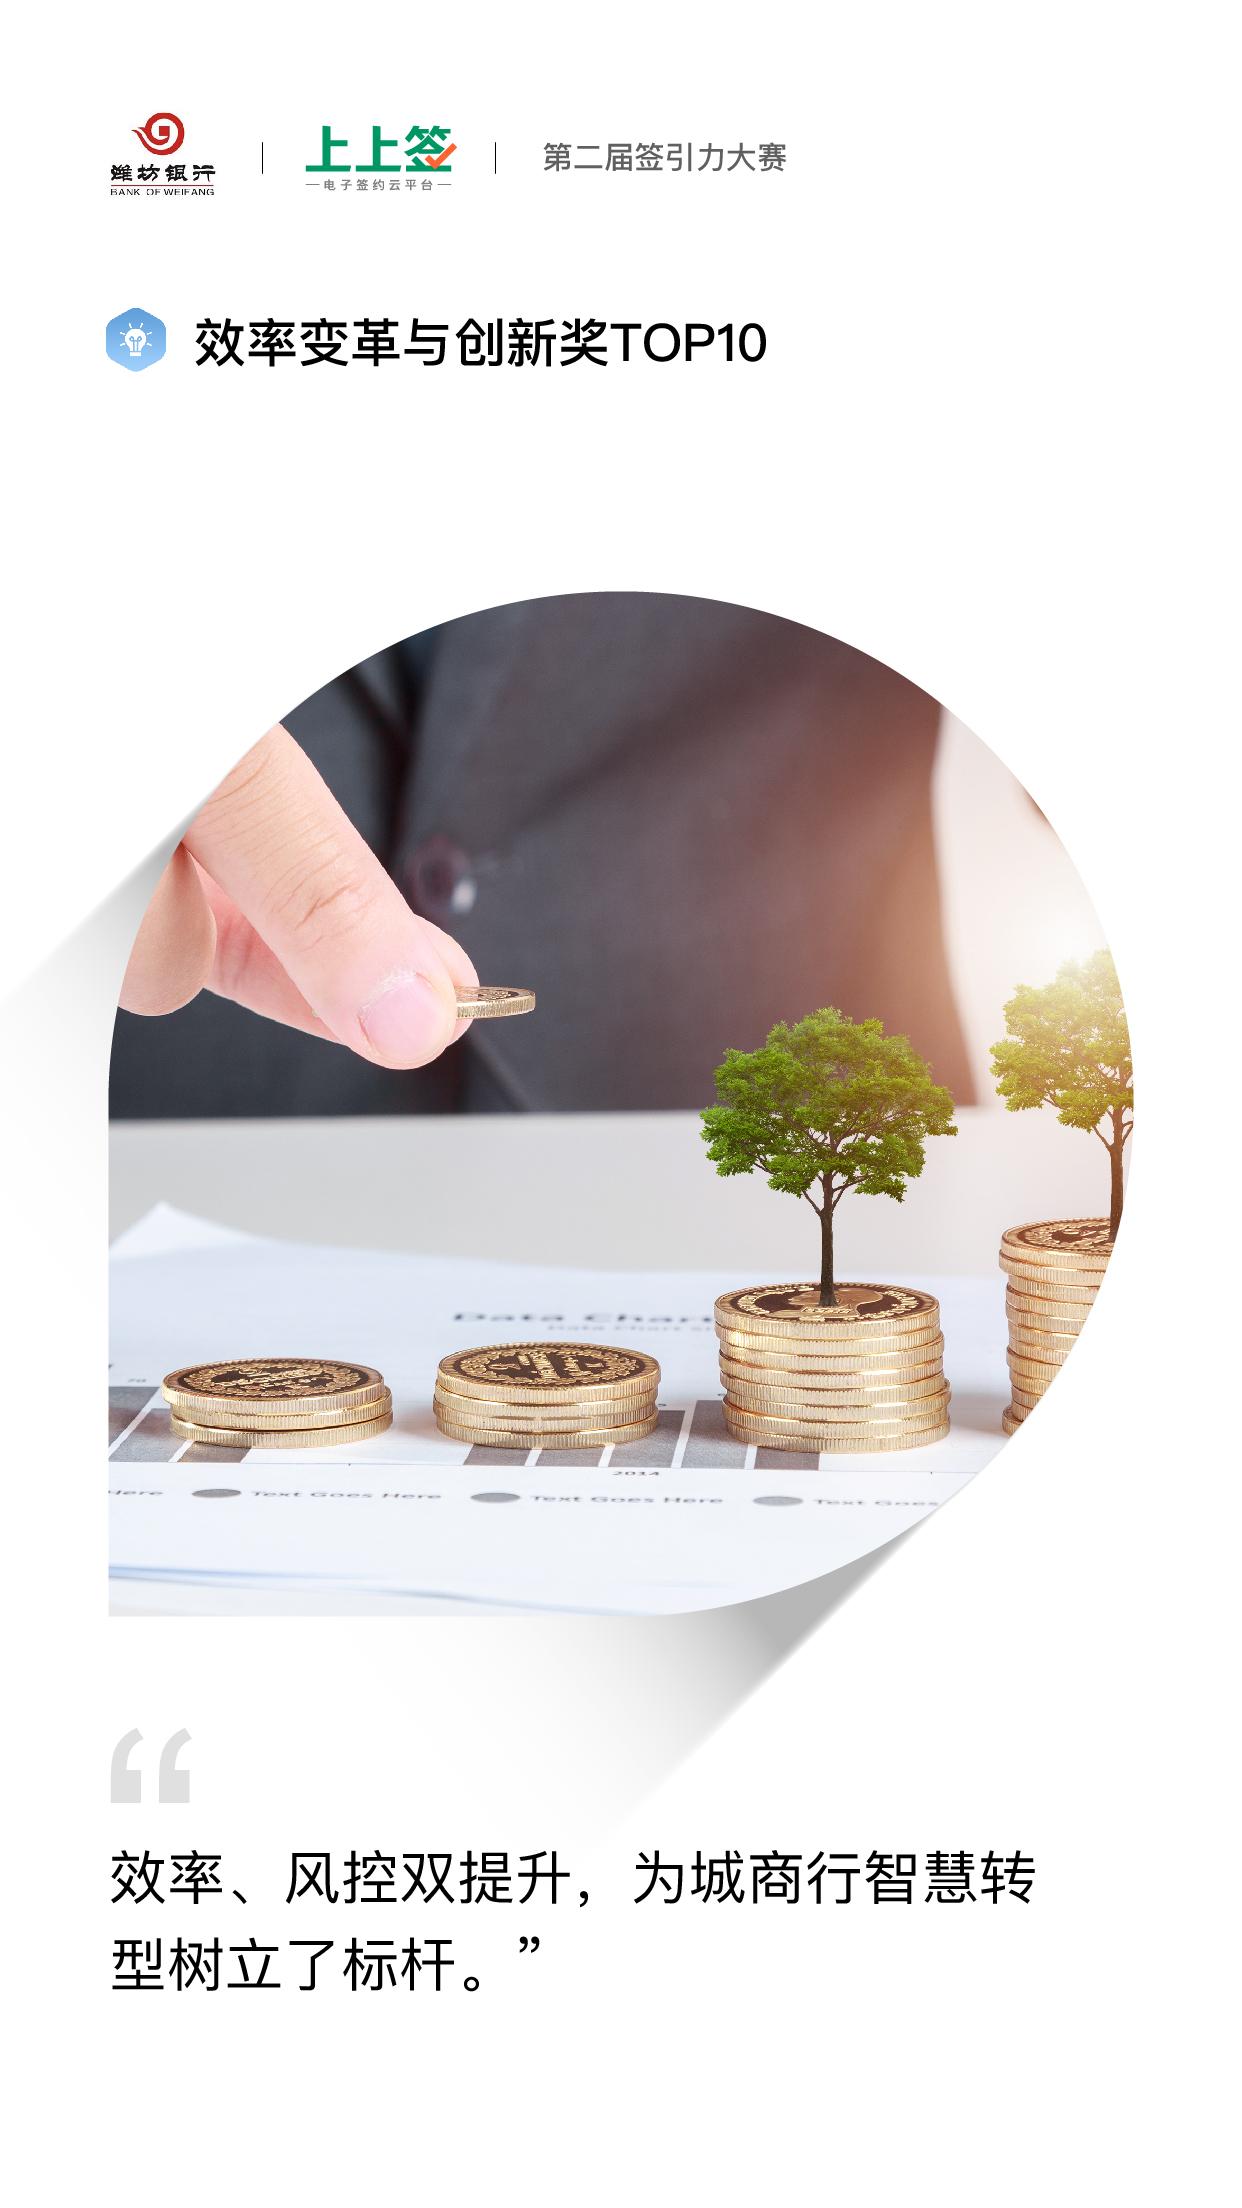 潍坊银行引入上上签电子签约 引领城商行智慧转型